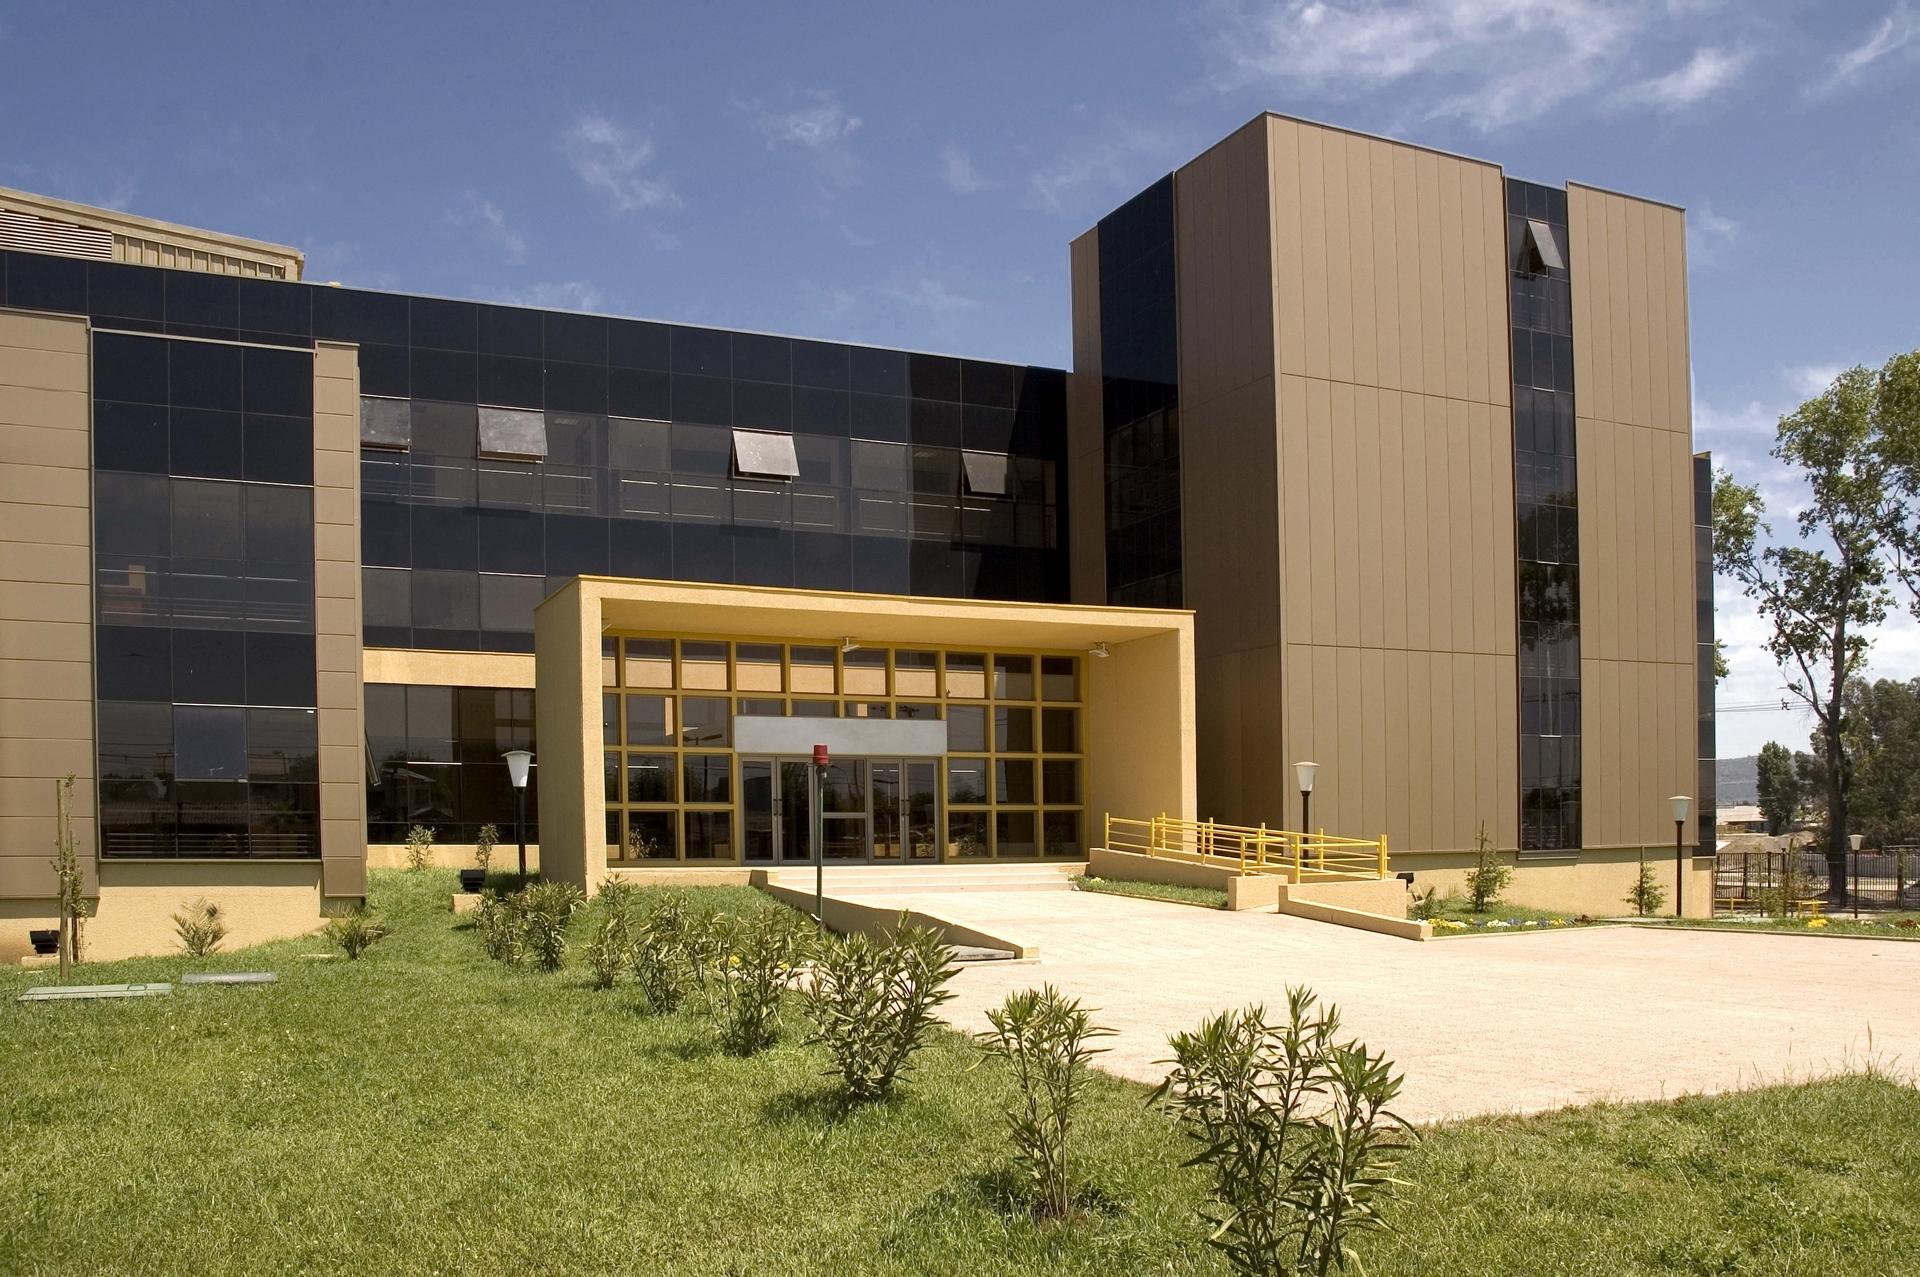 Centro Diagn Stico Terap Utico Hospital Regi N De Talca